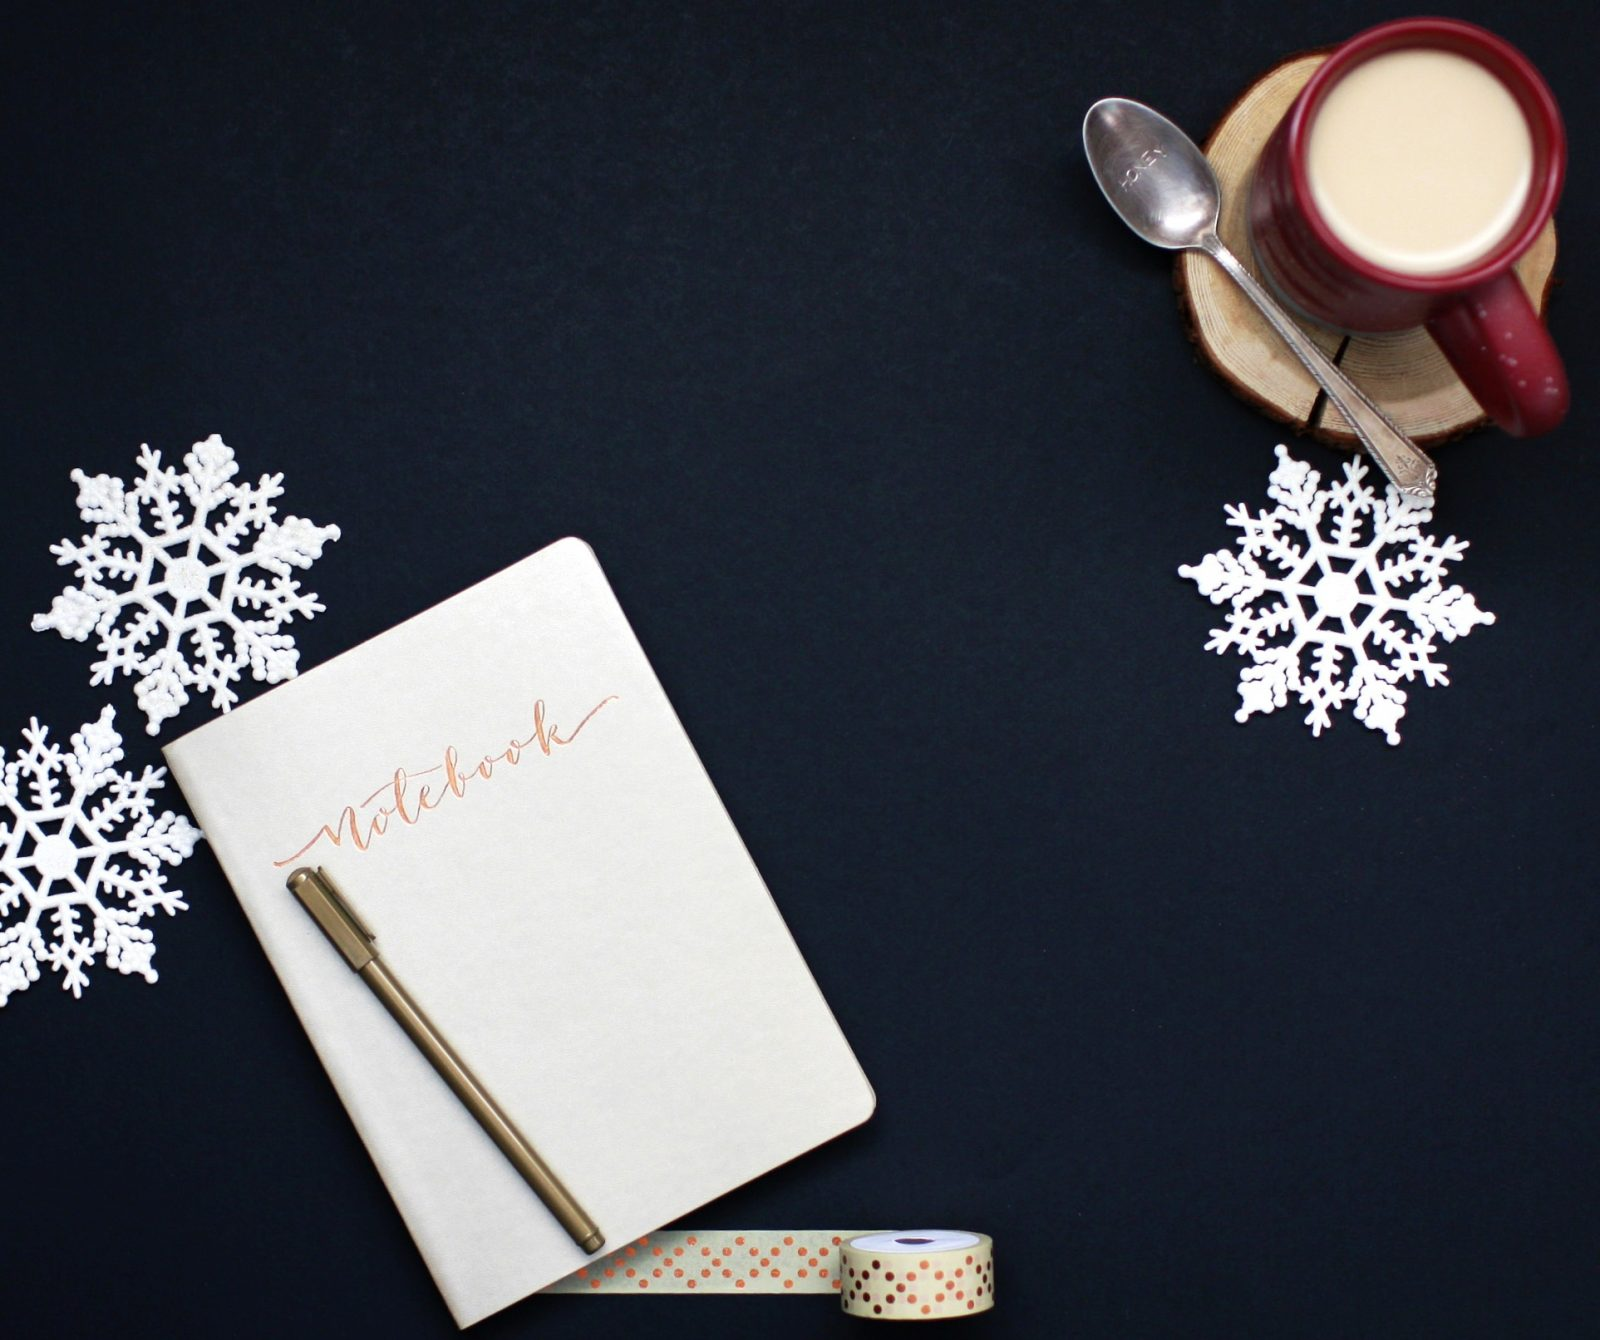 Weihnachtsgrüße Geschäft.Post Zu Weihnachten Durch Grußkarten Die Bindung Zu Den Kunden Stärken